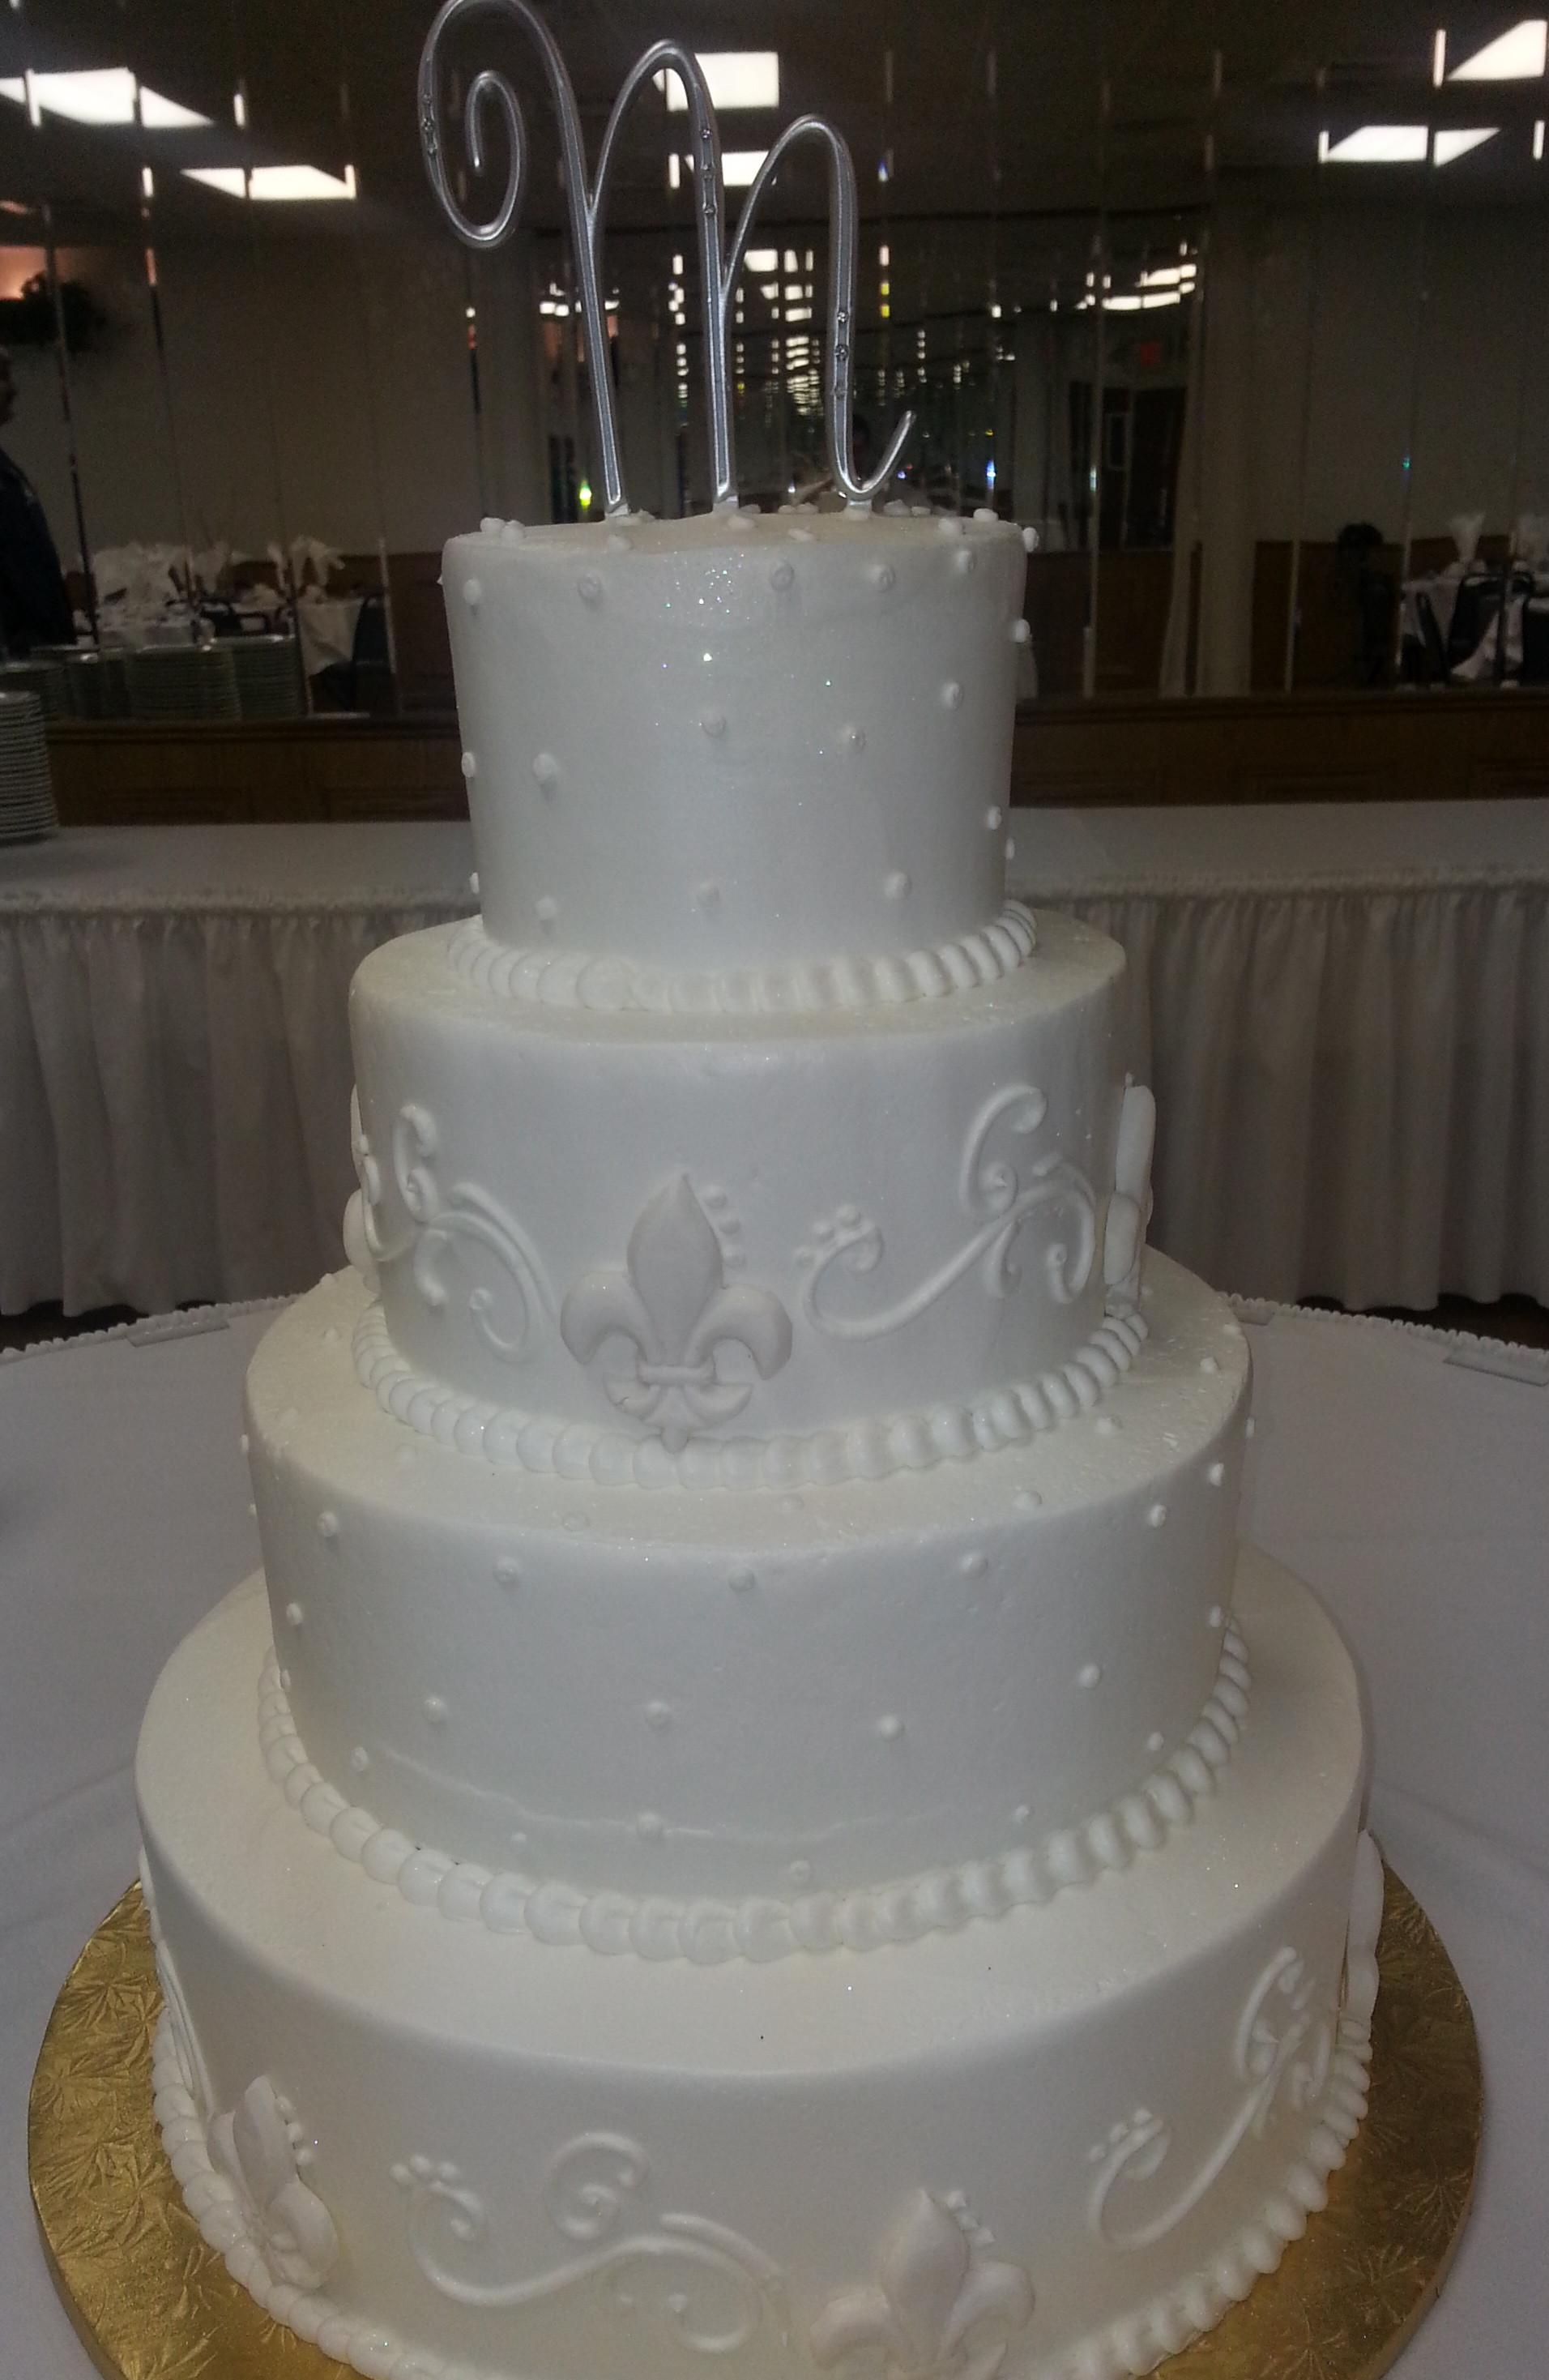 Gatlinburg Wedding Cakes  Wedding Cakes Gatlinburg Tn